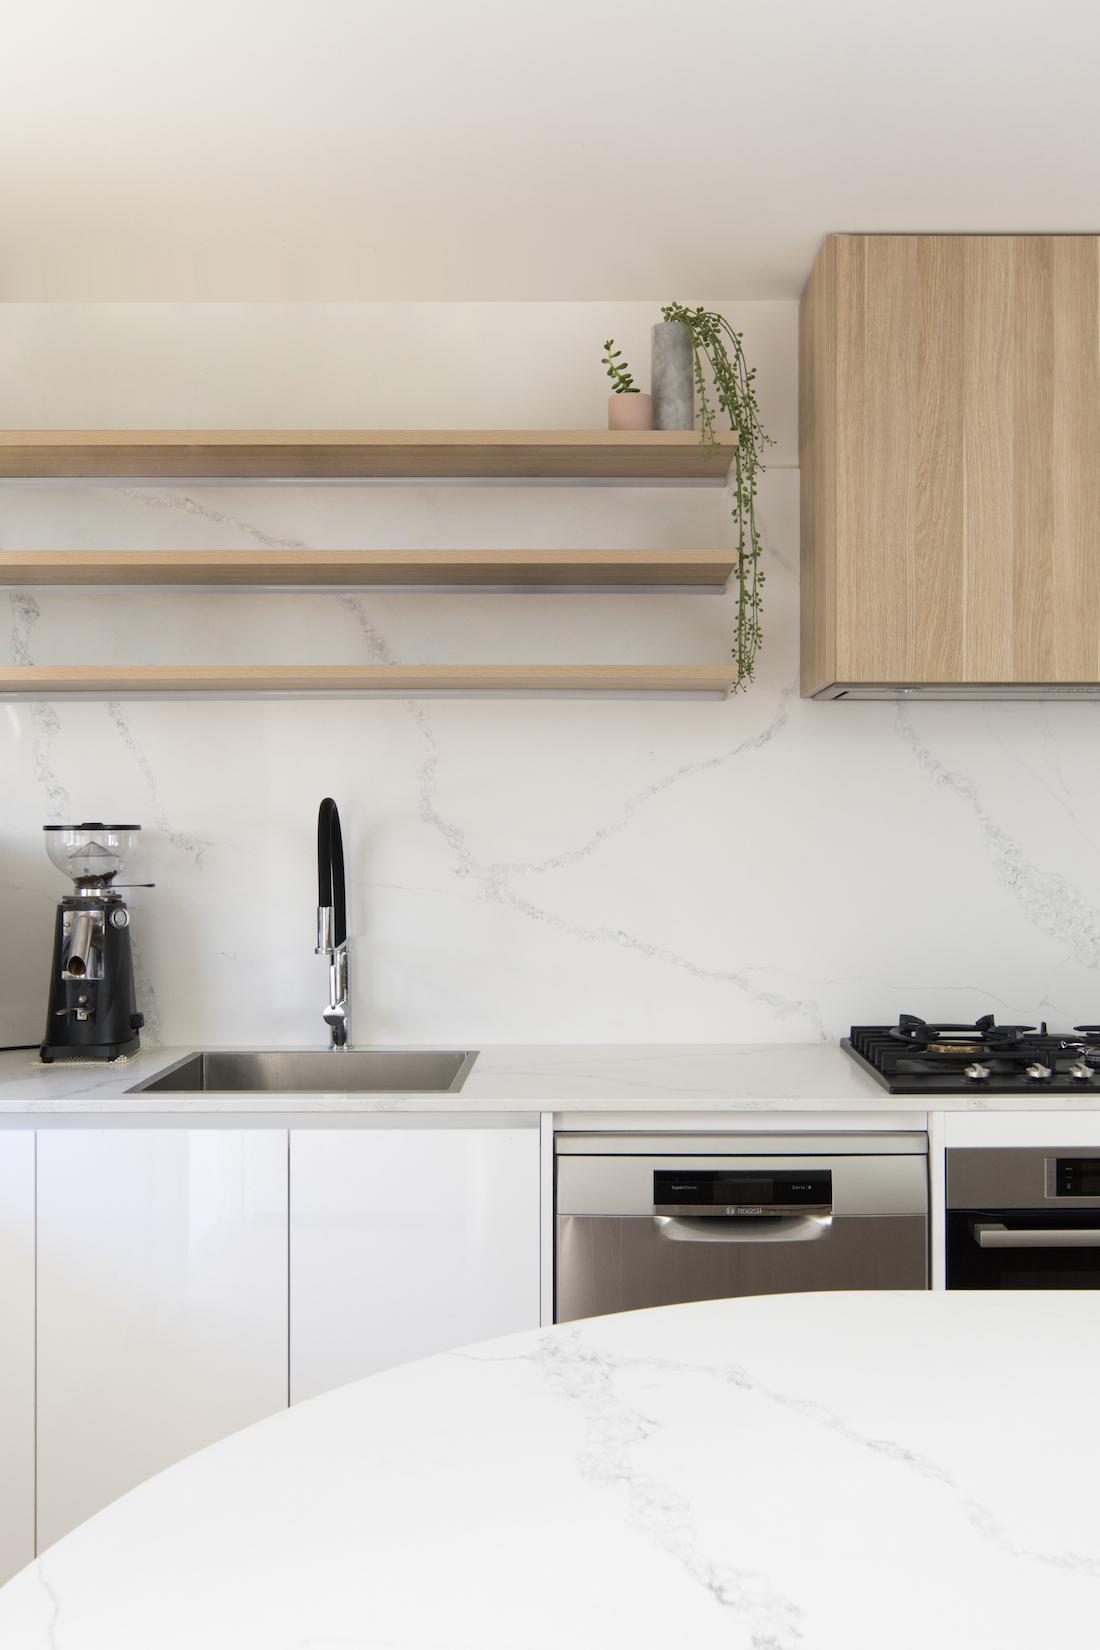 Scandi style kitchen marble splashback